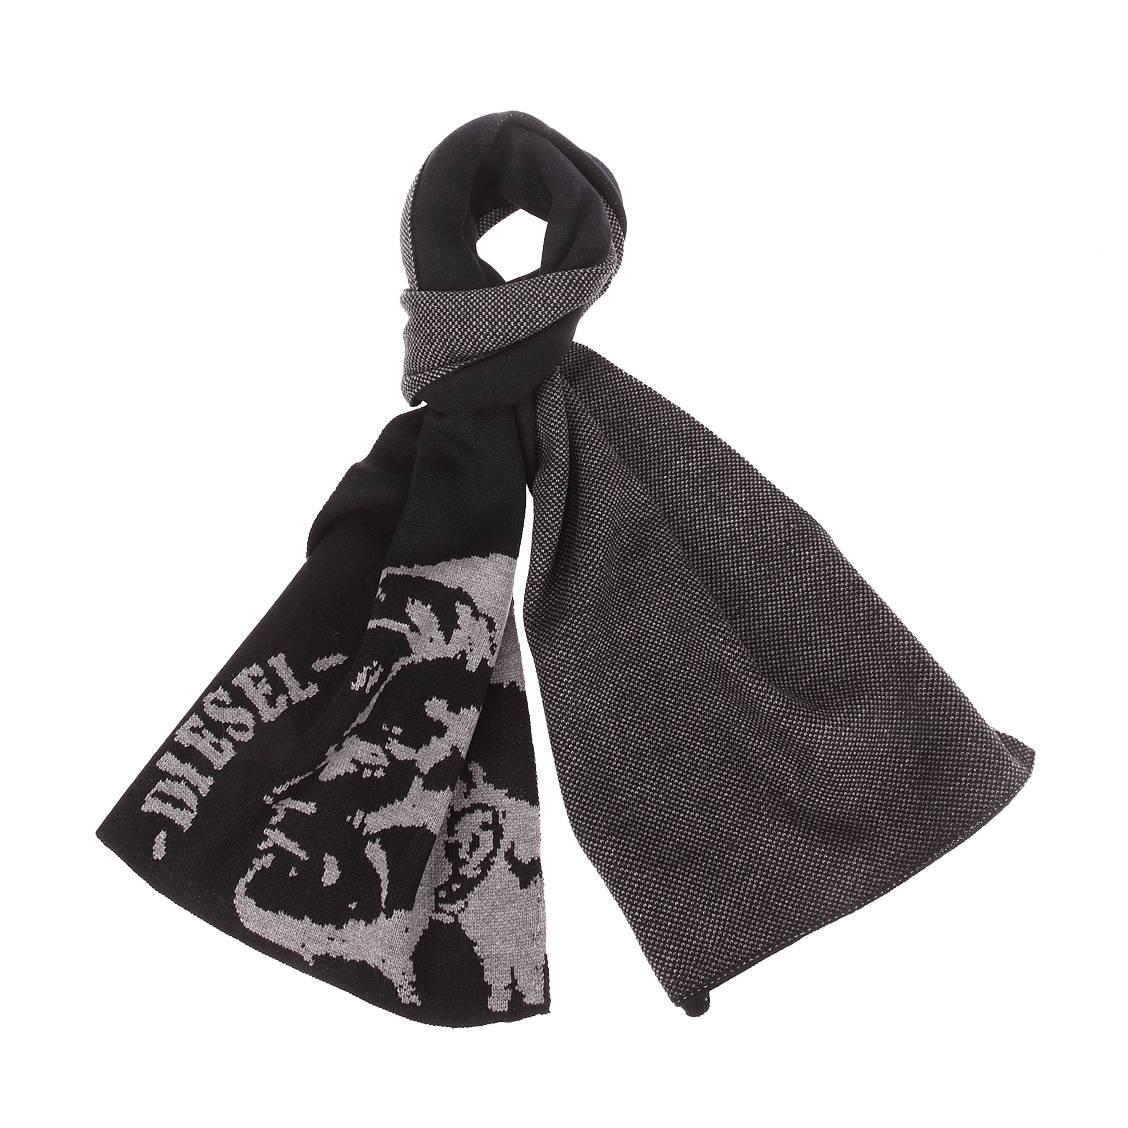 Echarpe  noire brodée du logo en gris